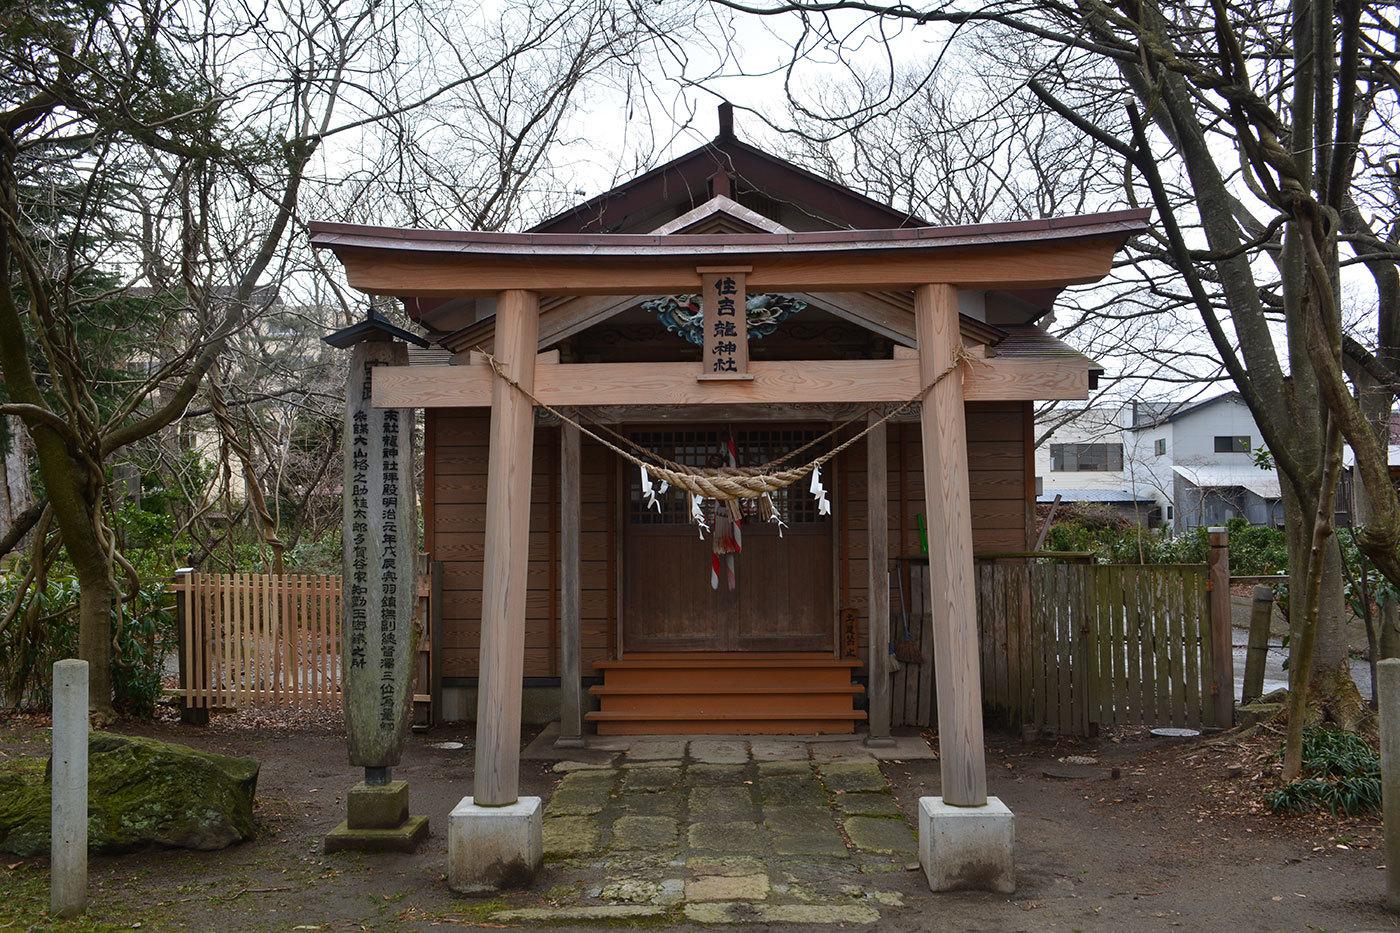 能代市柳町 八幡神社420200301住吉龍神社